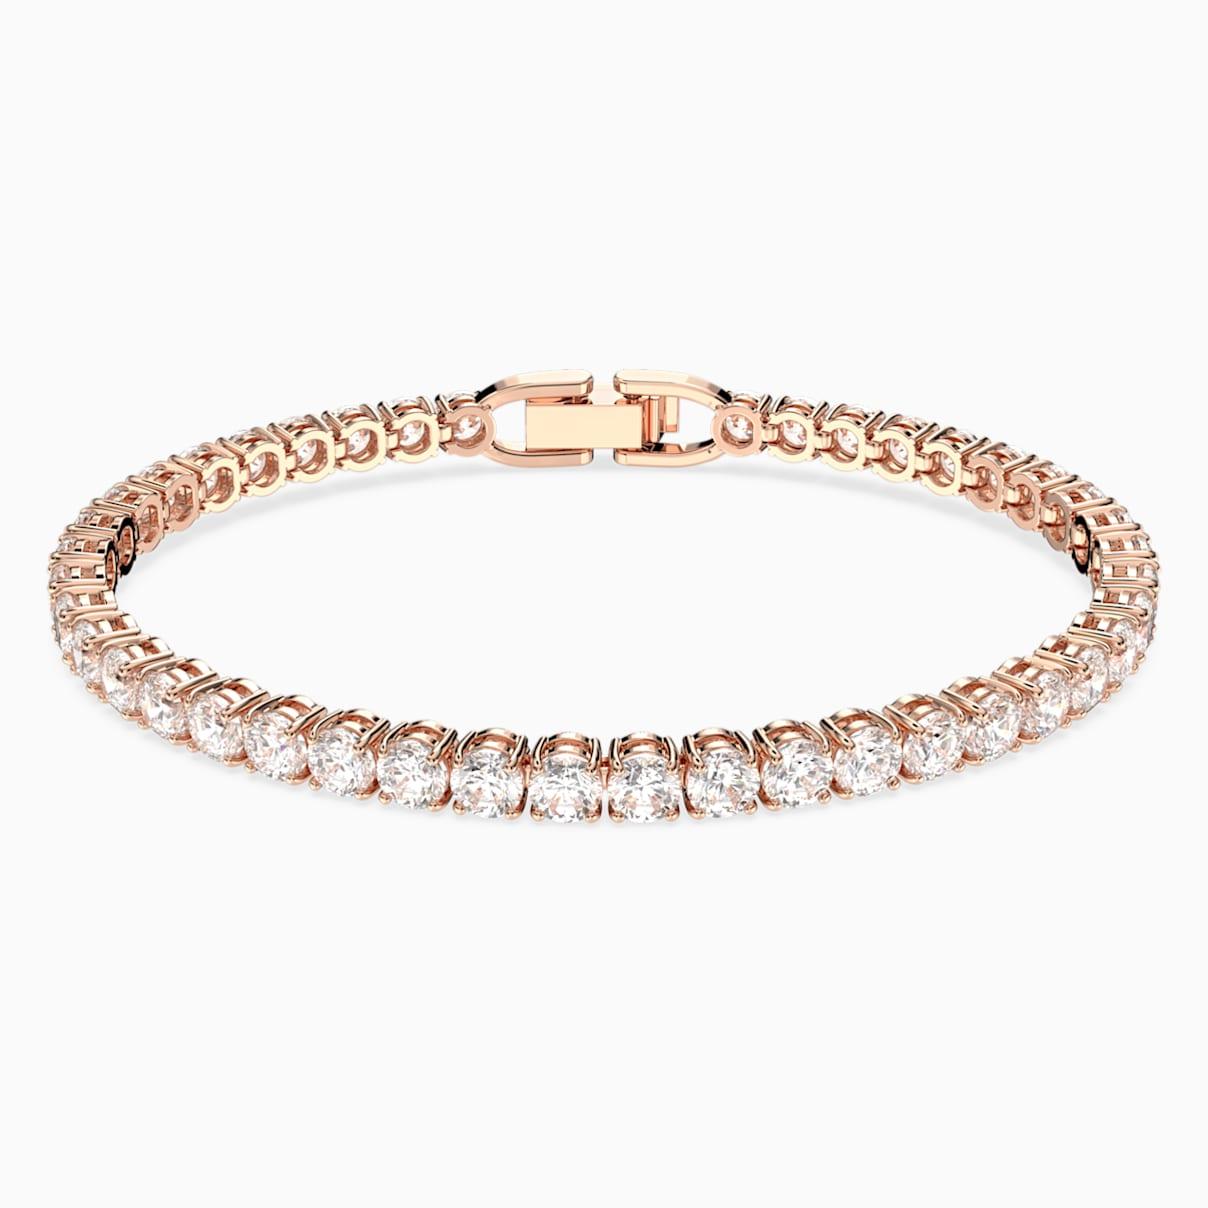 Bracelet tennis deluxe blanc métal doré rose